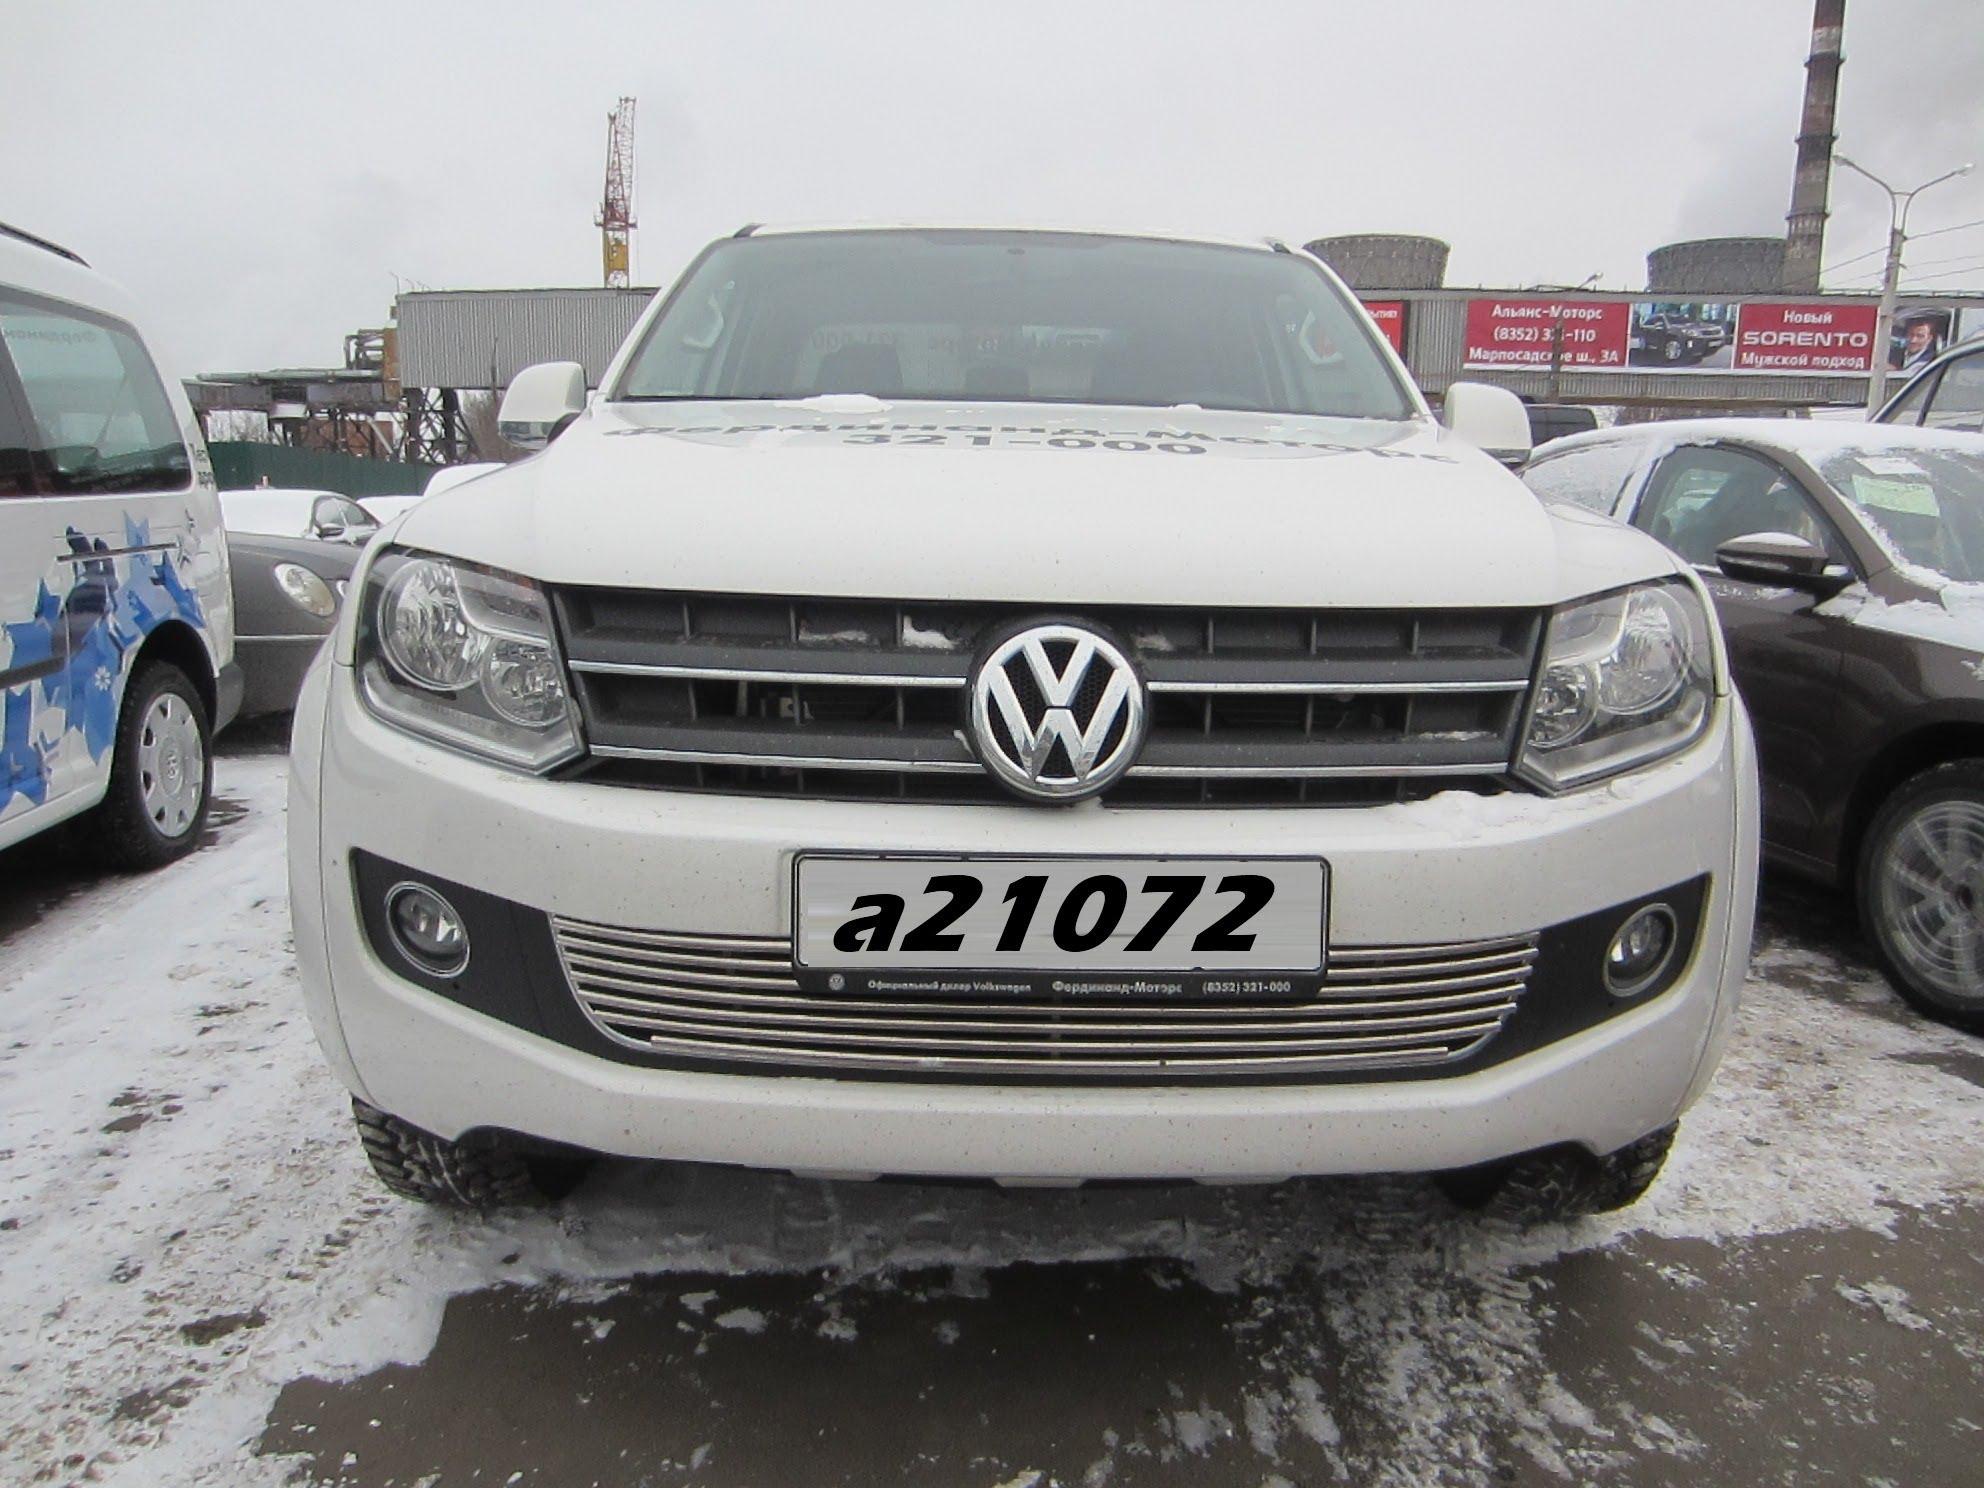 Тест-драйв Volkswagen Amarok - Антон Воротников